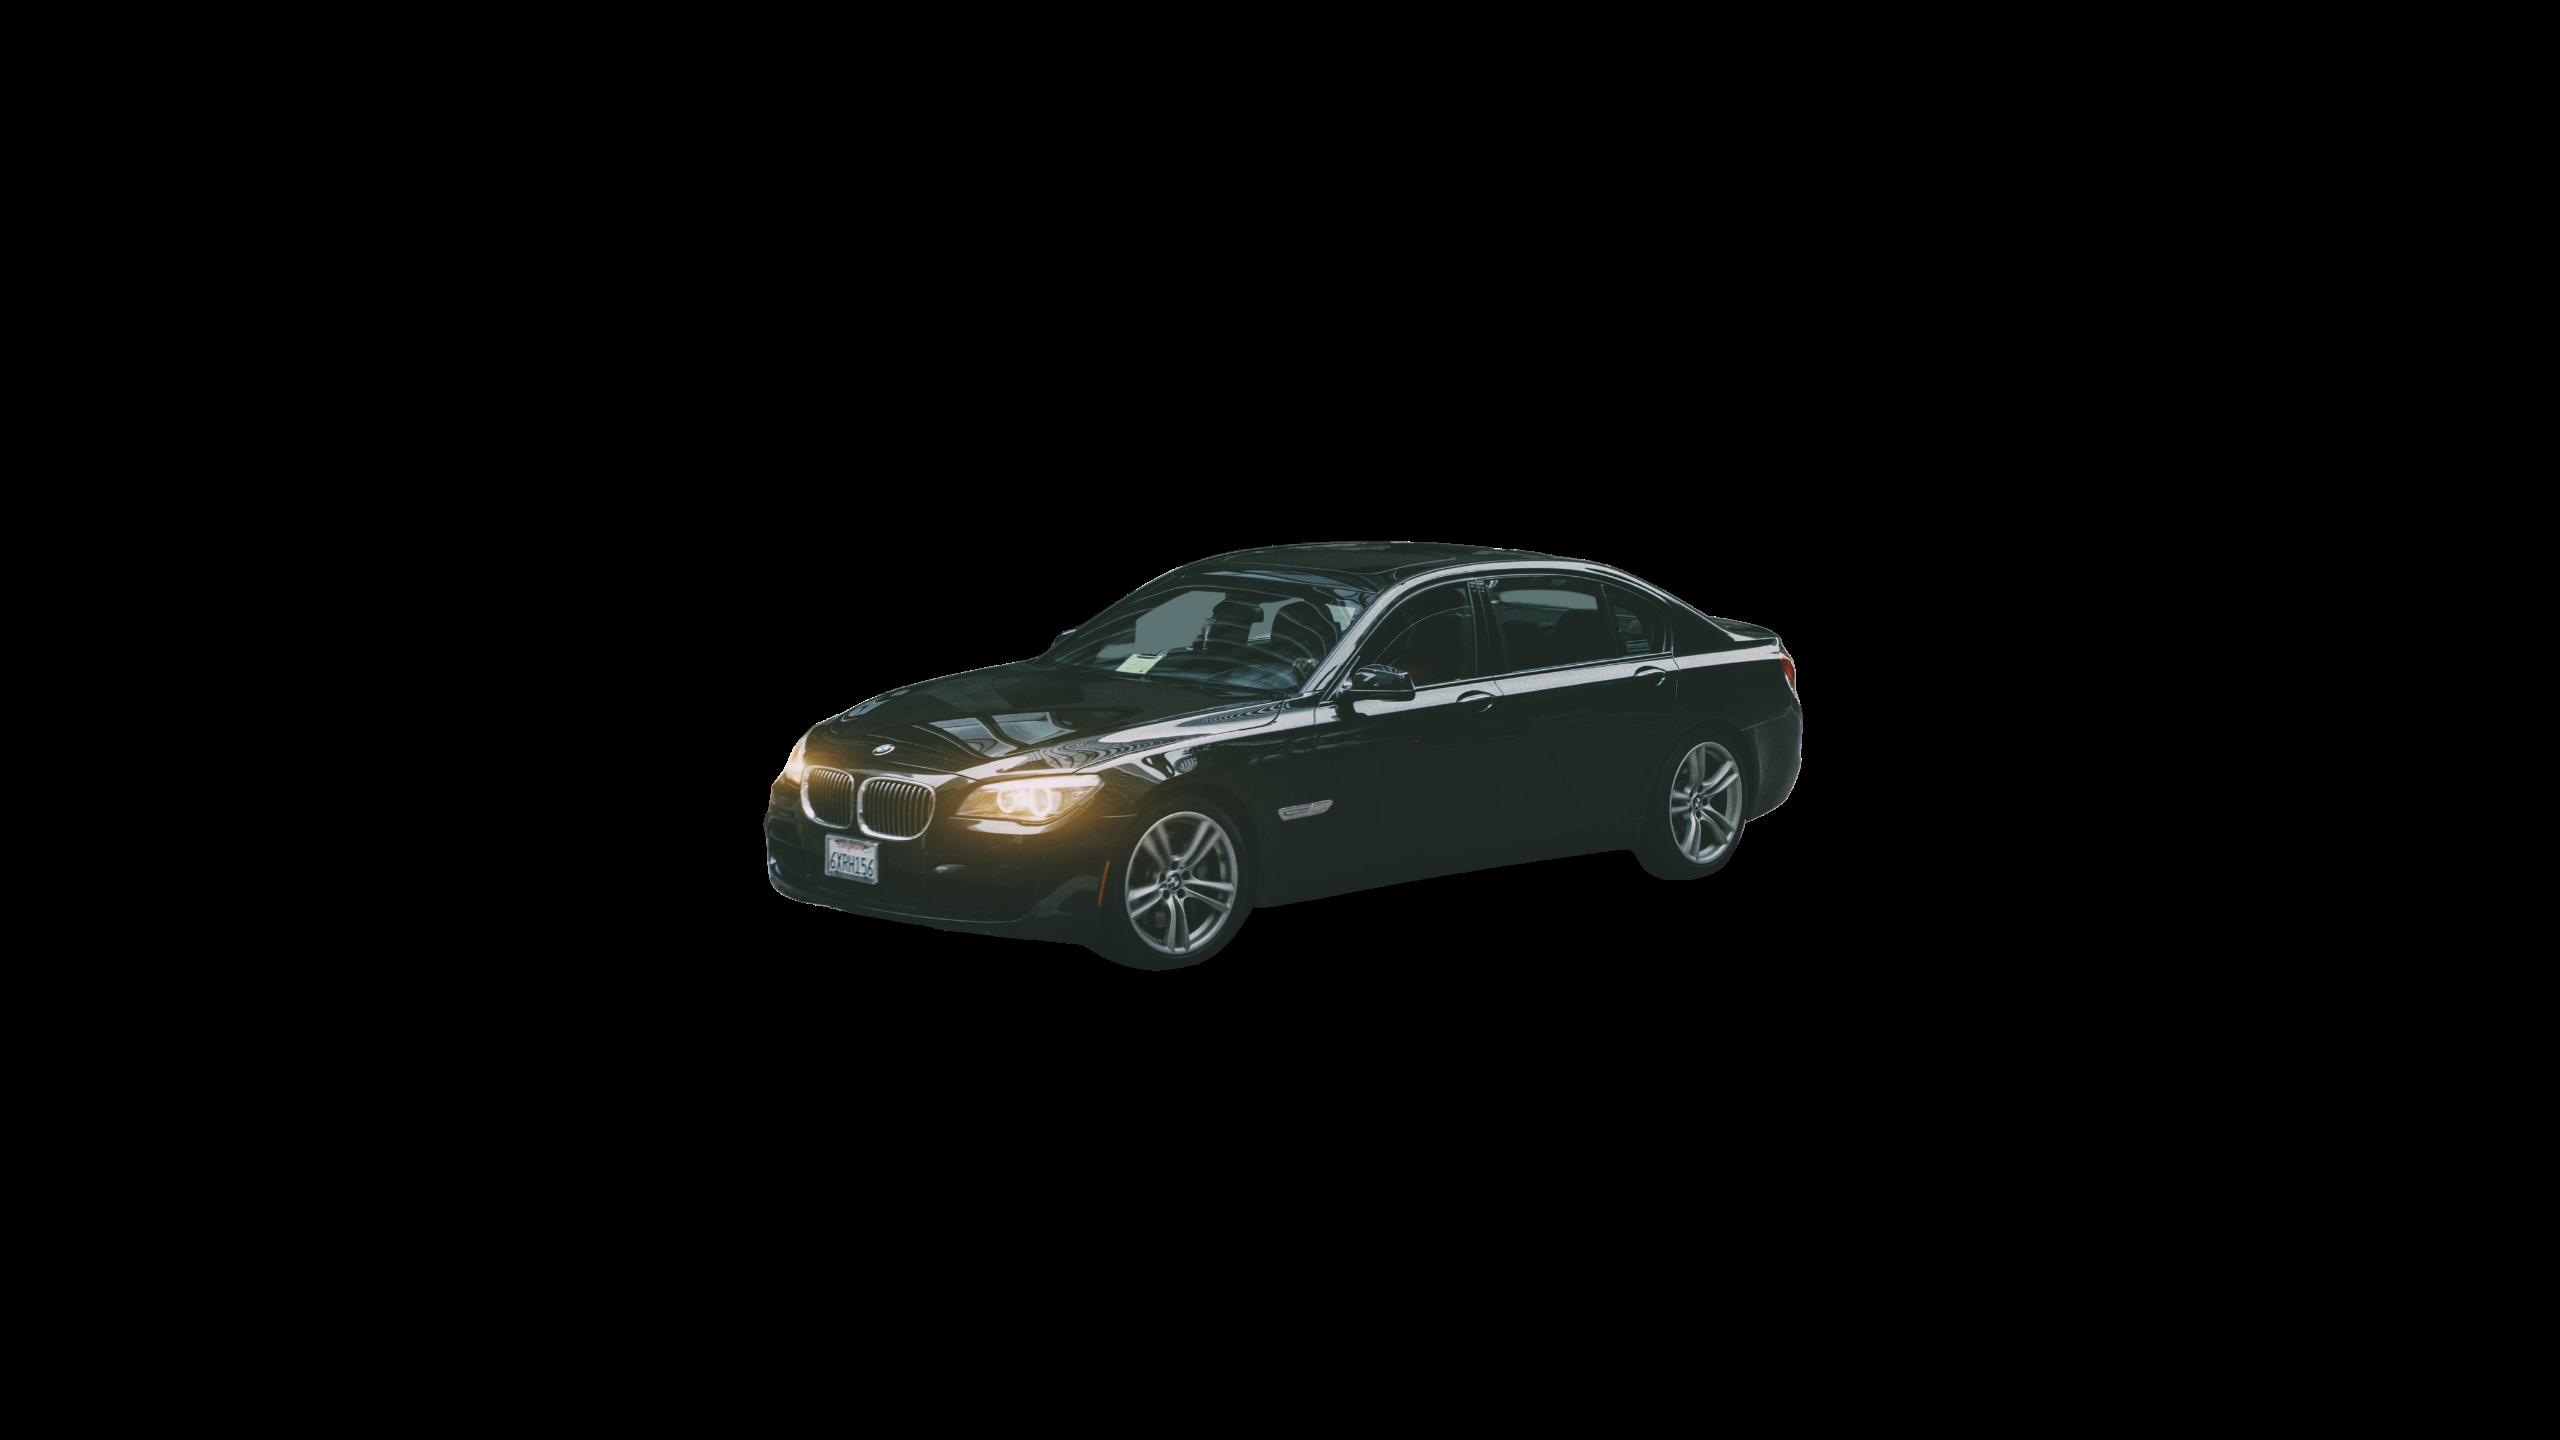 ASSET 1 (Luxury Sedan)